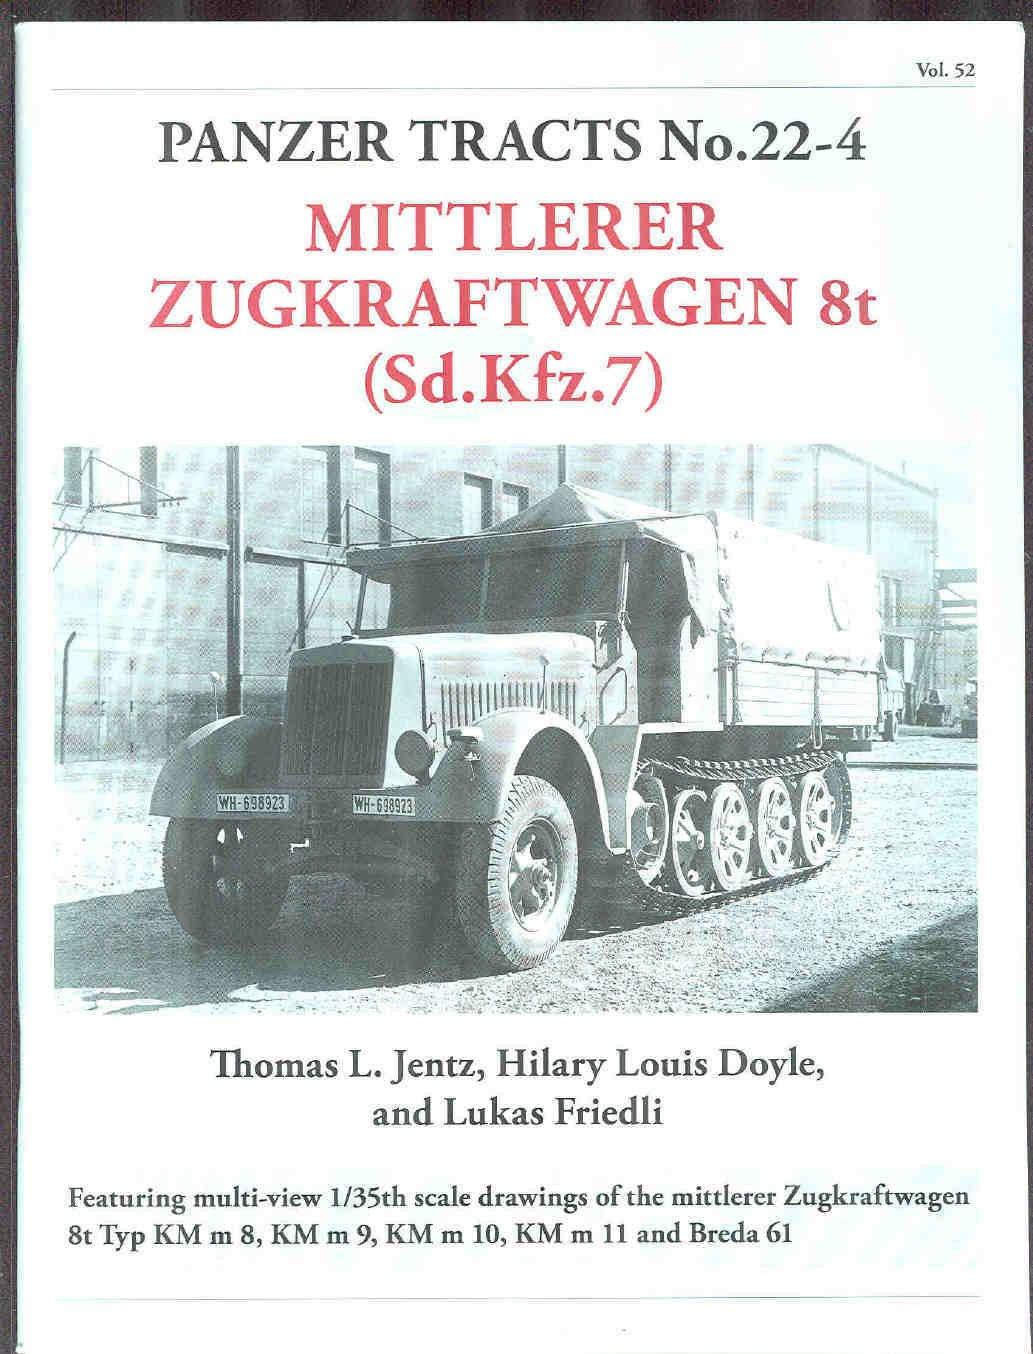 Leichter Zugkraftwagen 3t Panzer Tracts No.22-2